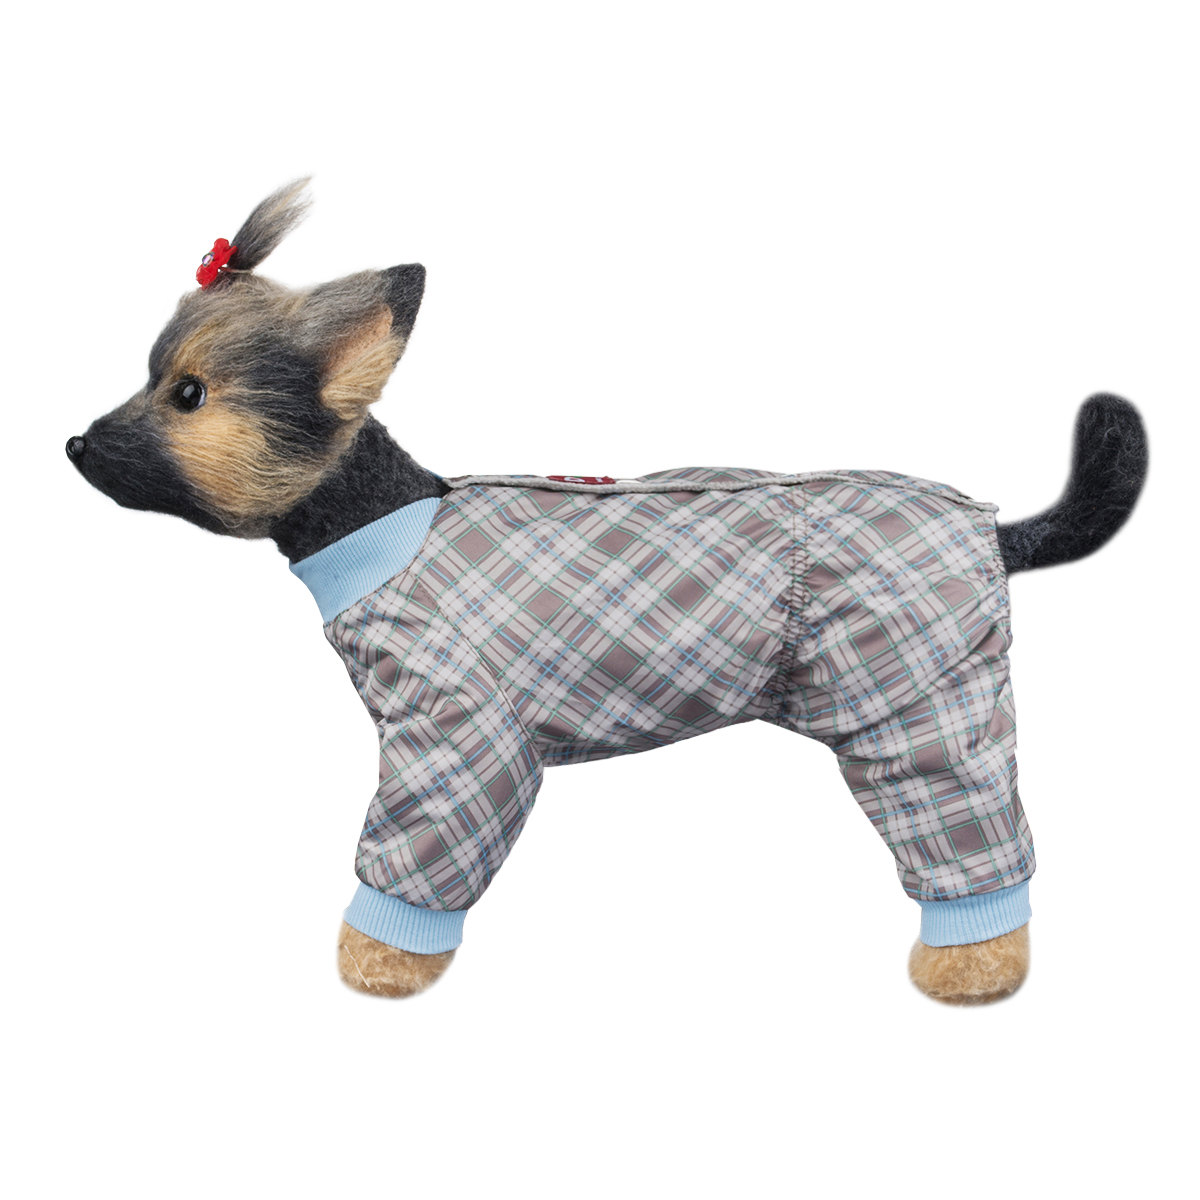 Комбинезон для собак Dogmoda Клетка, унисекс, цвет: голубой, серый, коричневый. Размер 4 (XL)